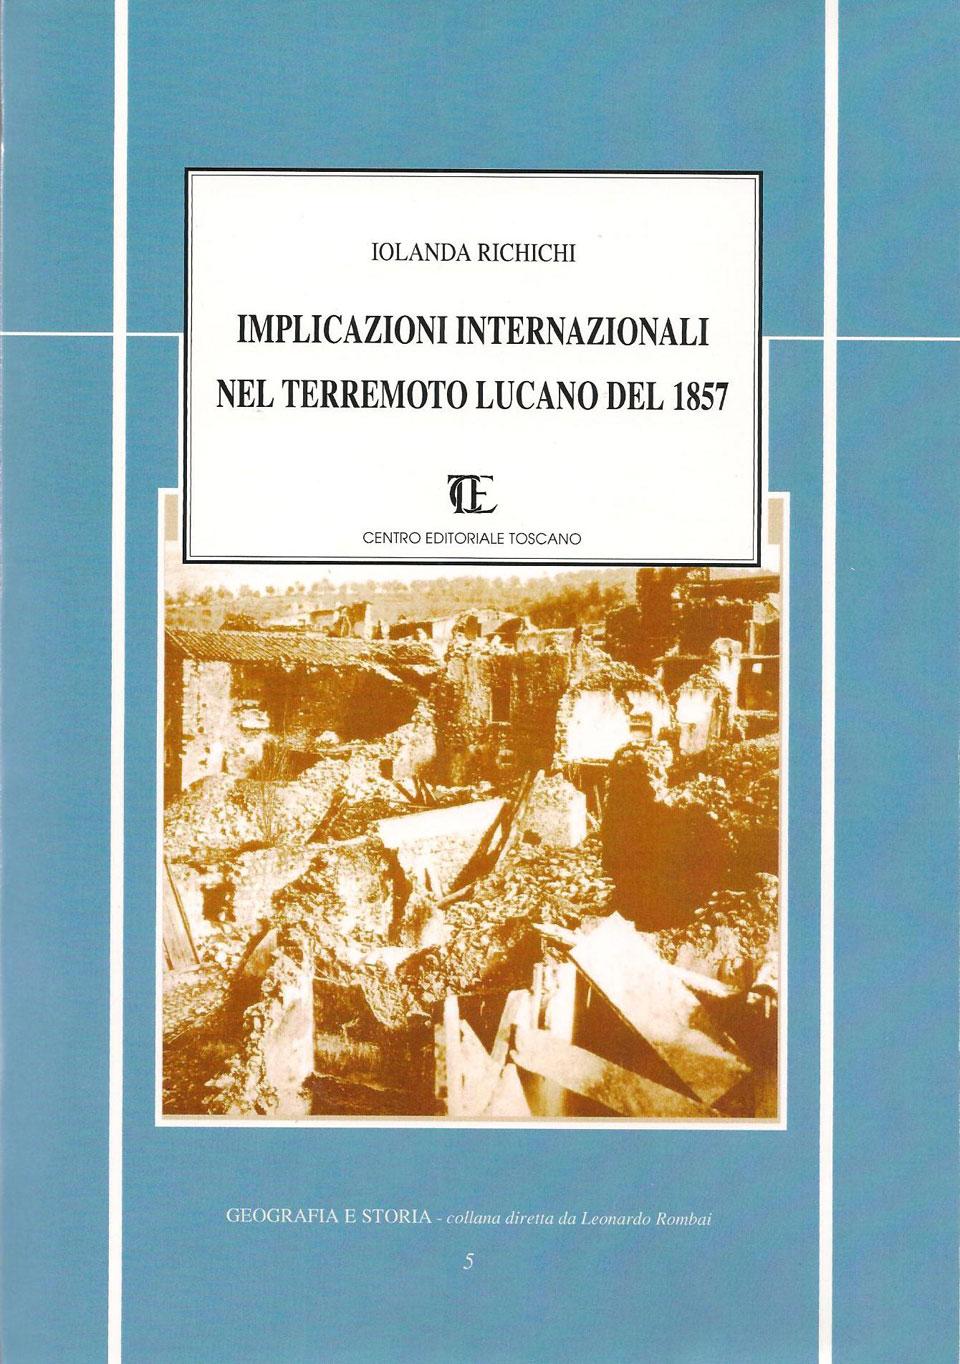 mplicazioni internazionali nel terremoto lucano del 1857